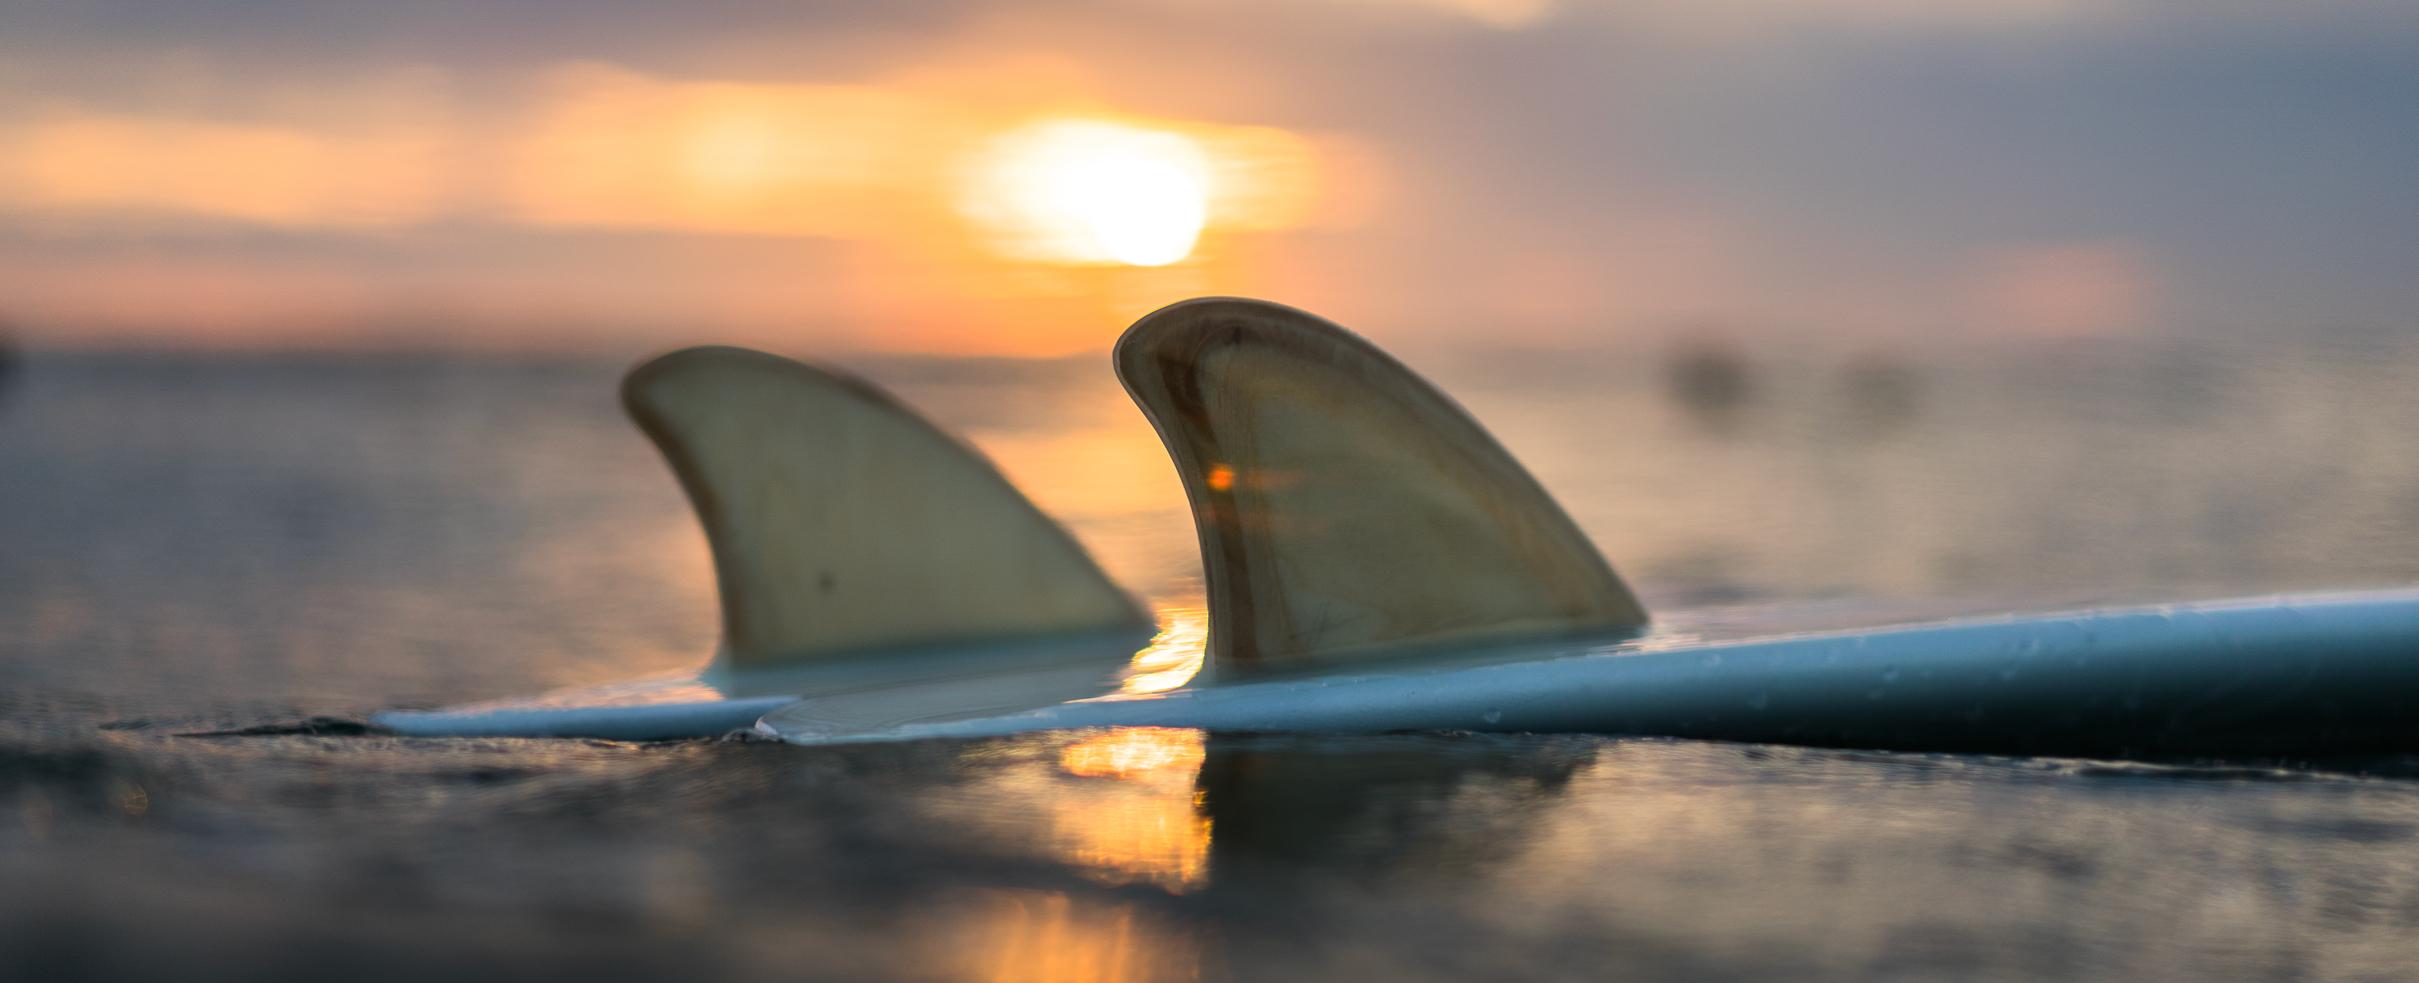 BannerAlong-Surfboards3.jpg